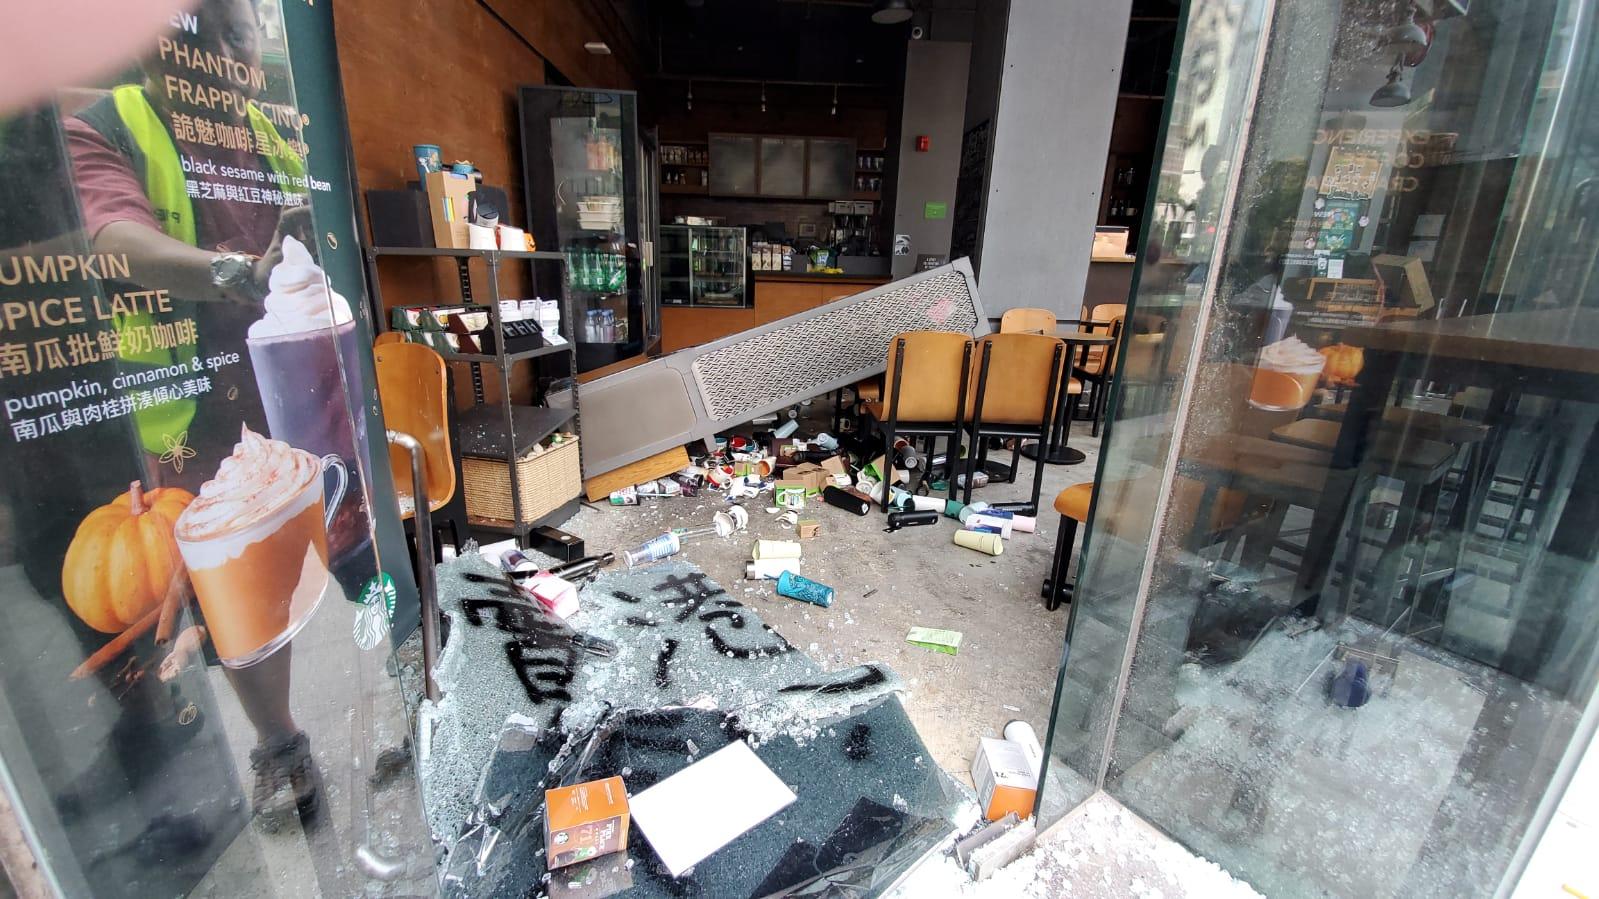 示威者打破大門入內搗亂,推跌店內貨物。